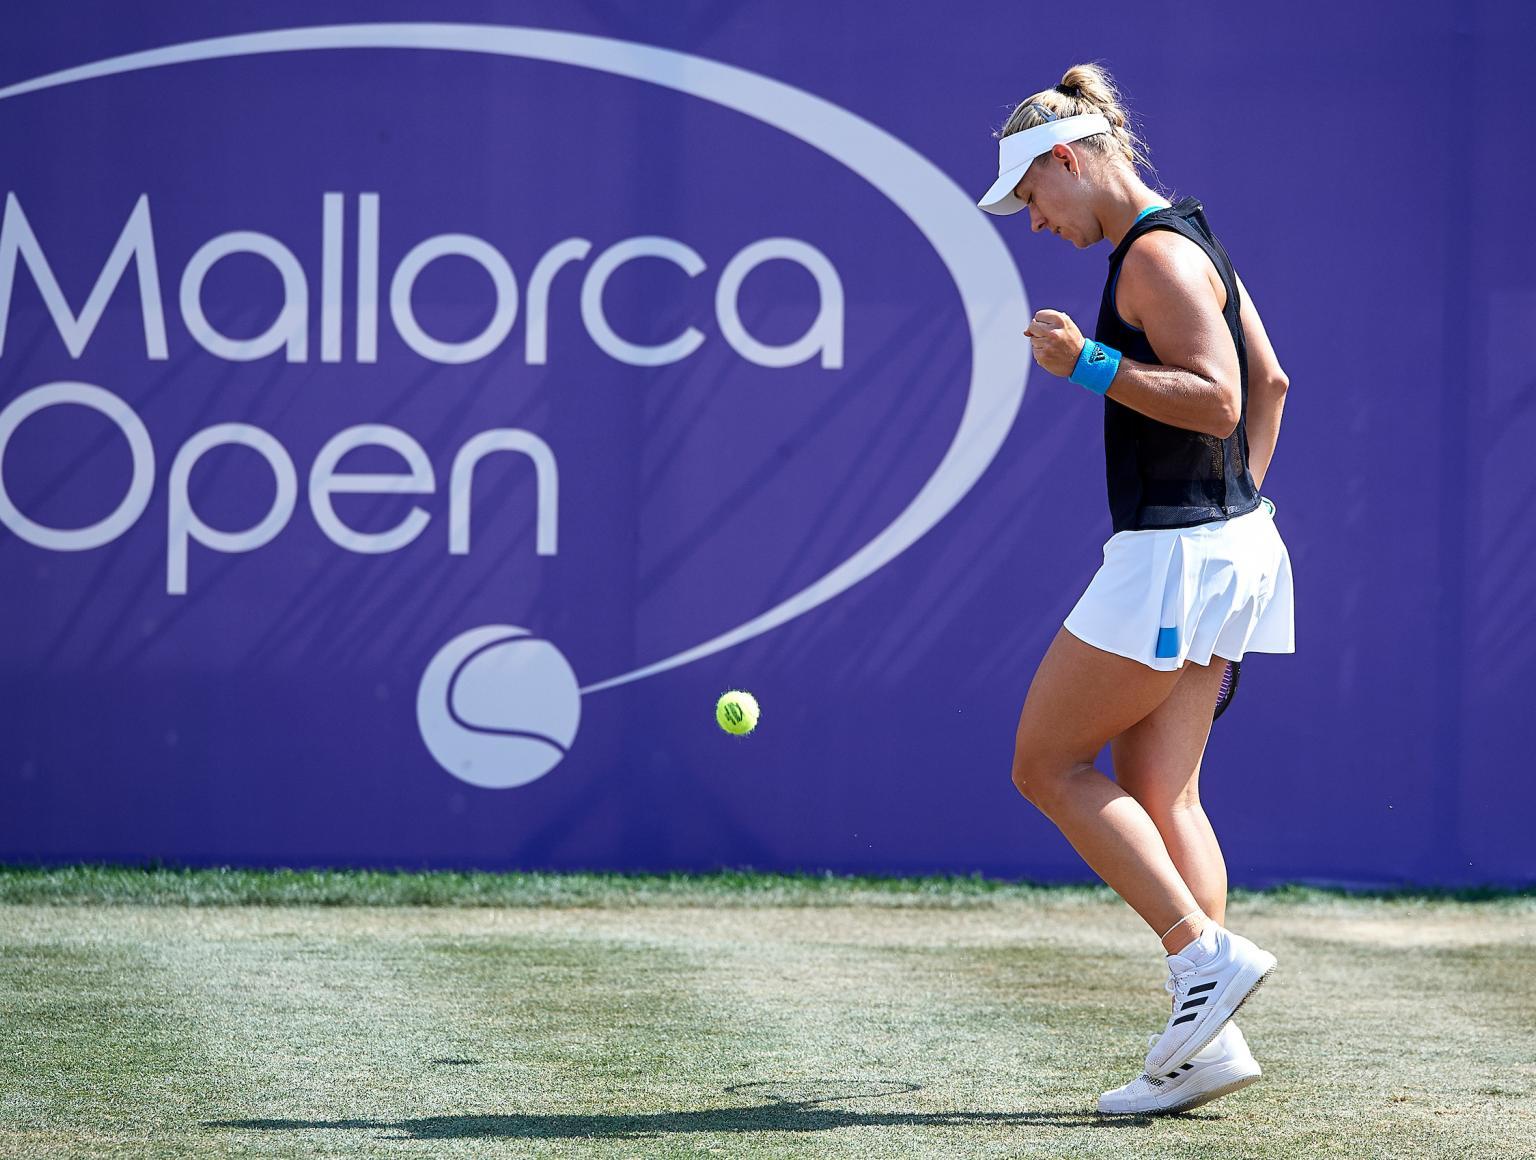 Kerber domina Sharapova e faz quartas em Mallorca